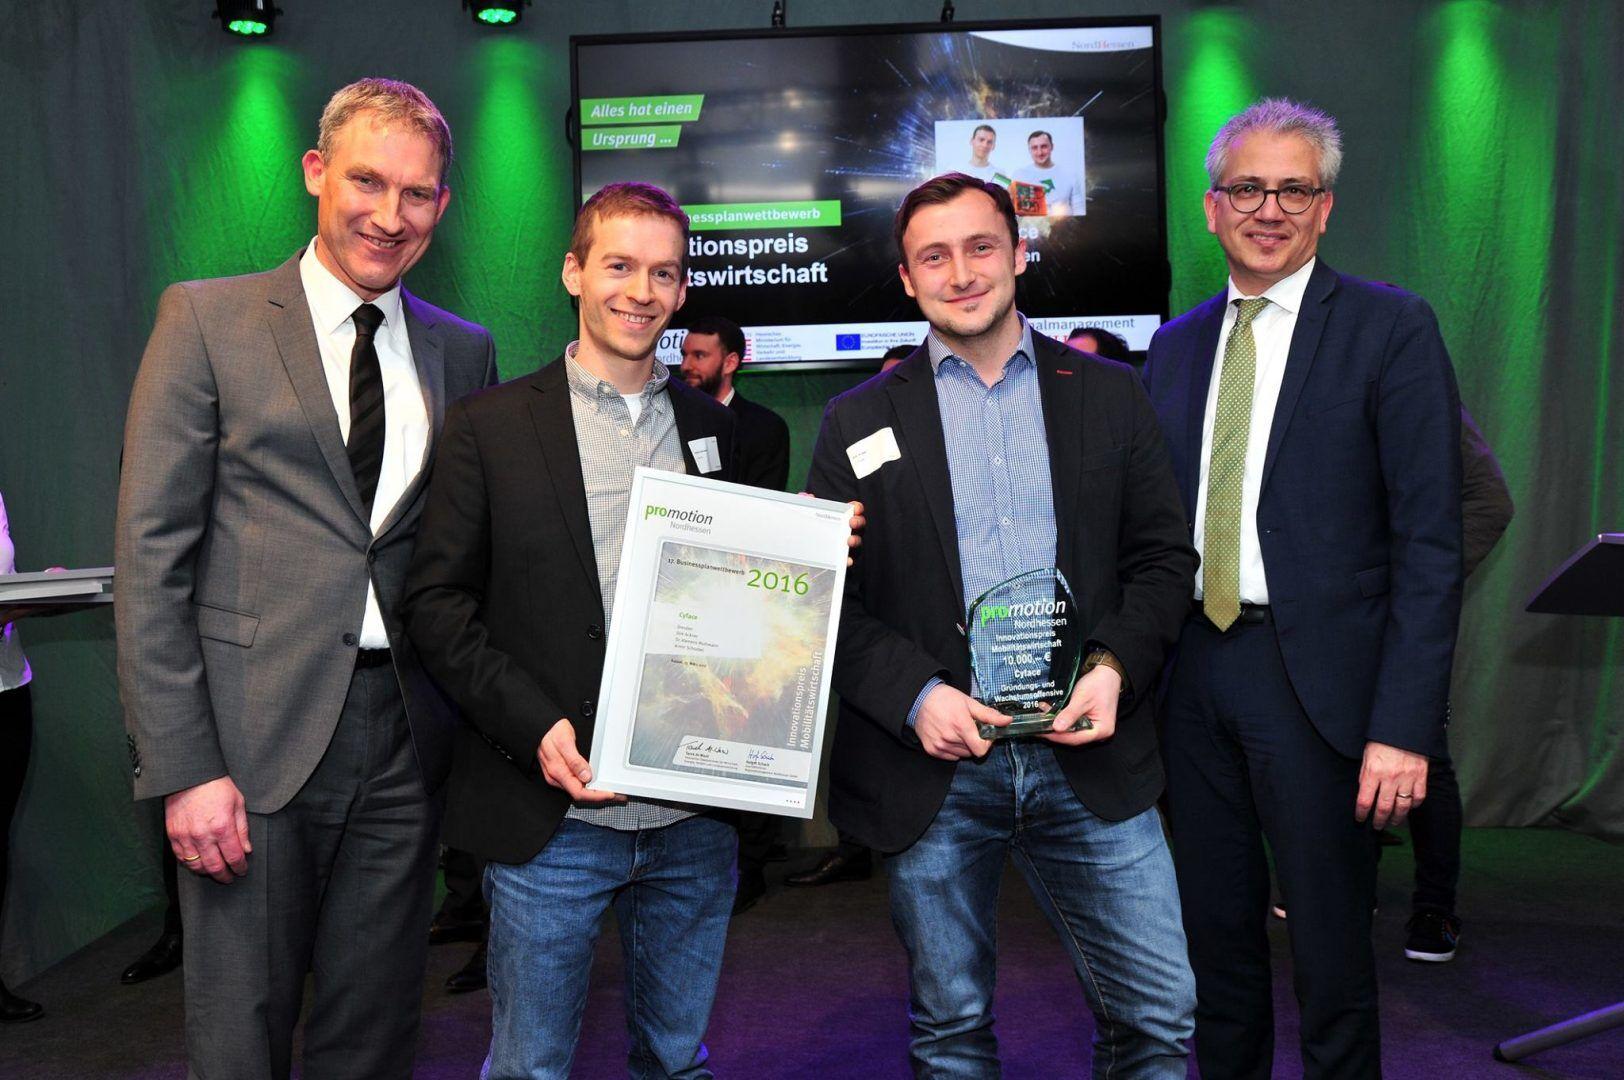 Cyface gewinnt Innovationspreis Mobilitätswirtschaft